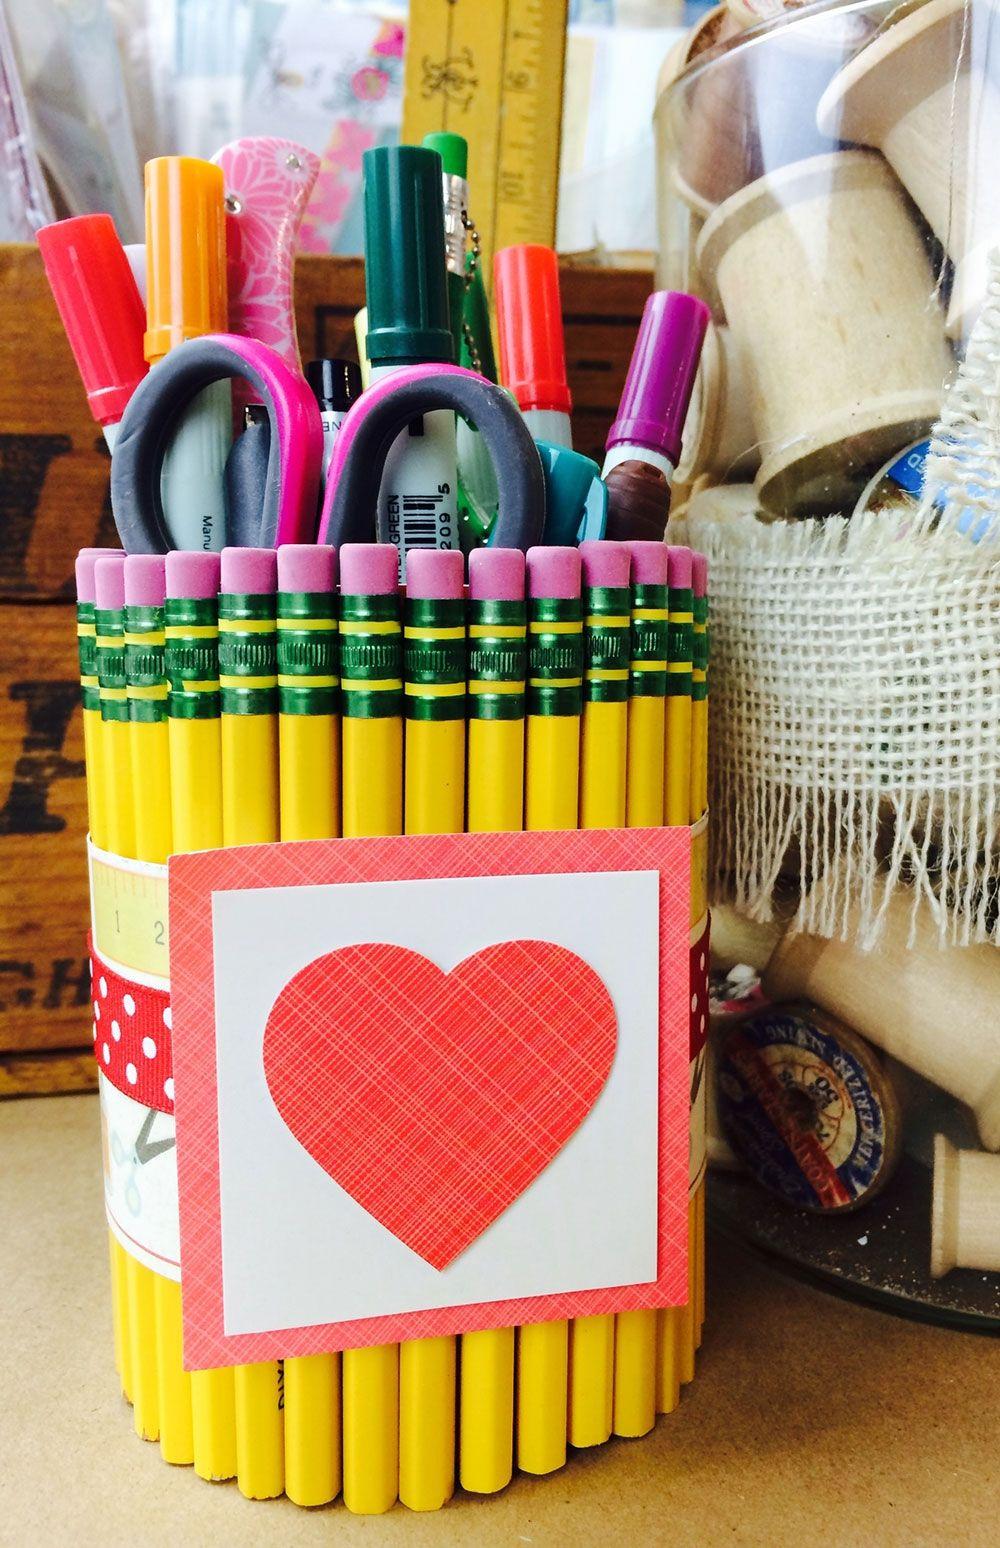 Todo coberto de lápis.